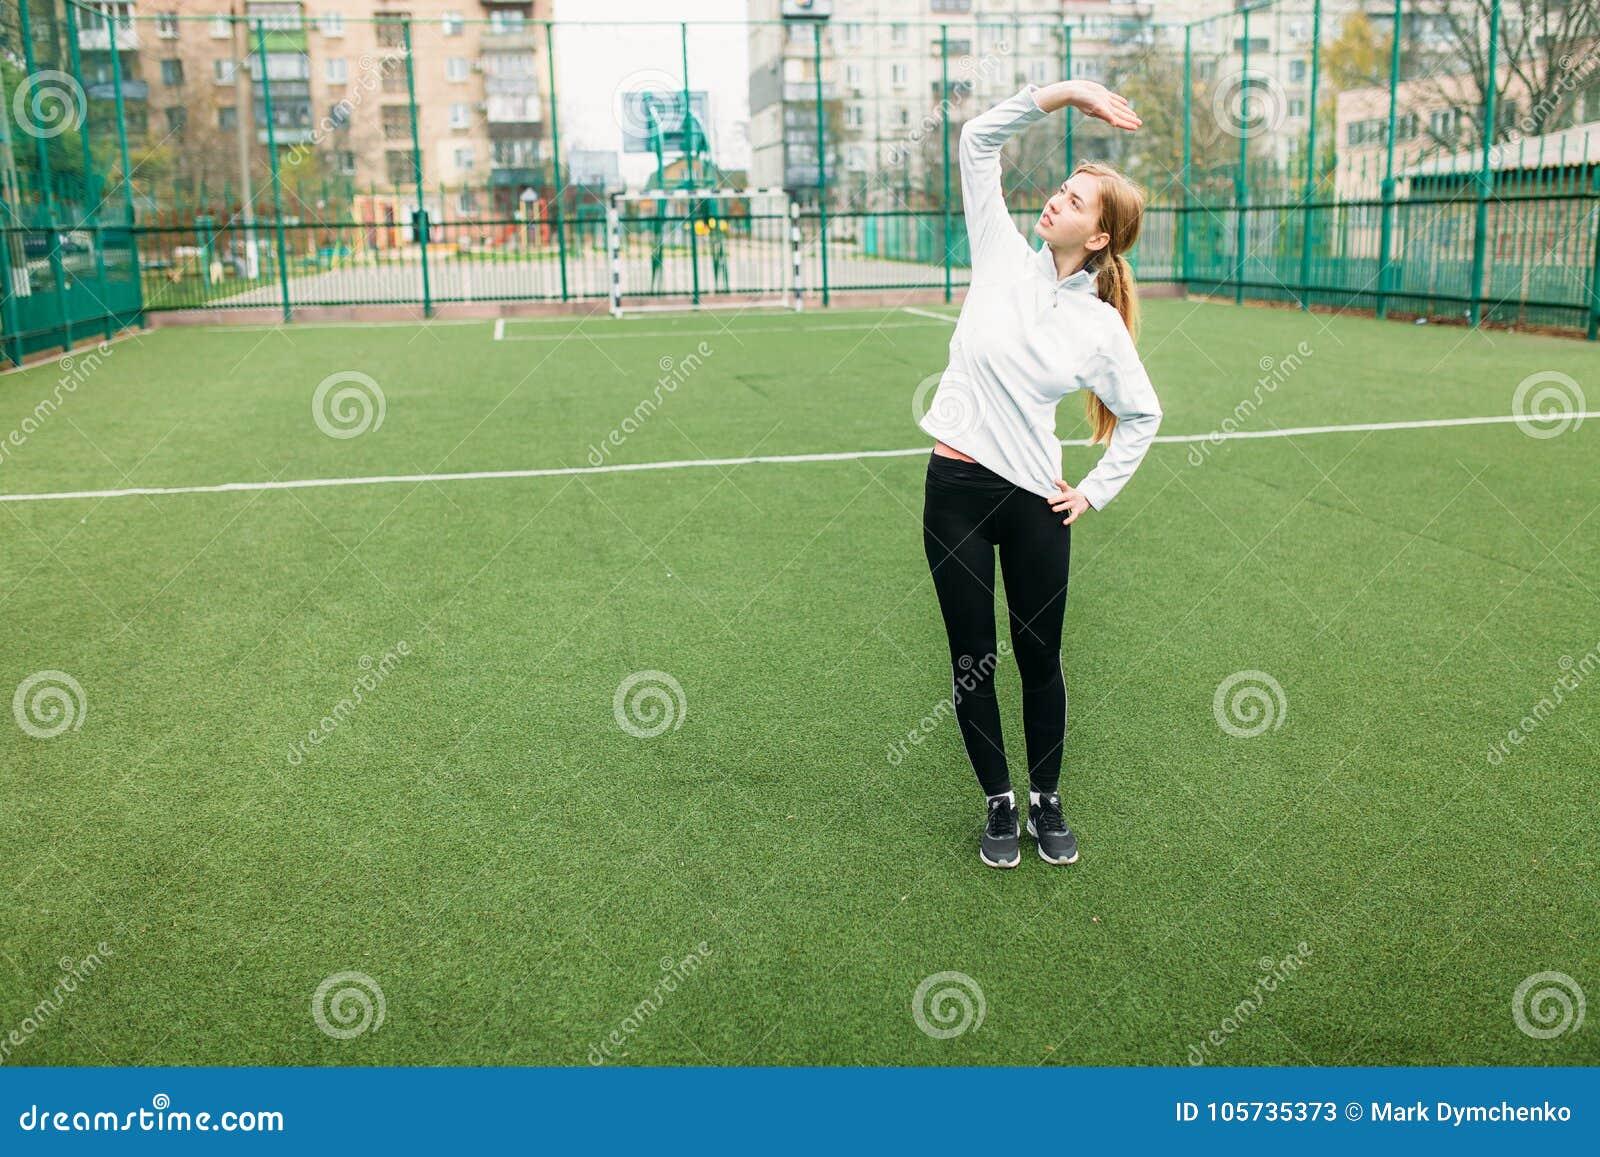 Κορίτσι μετά από να εκπαιδεύσει, να τρέξει ή τον αθλητισμό ένα υπόλοιπο στο πρώτο πλάνο, ένα μπουκάλι νερό Το κορίτσι εργάζεται σ